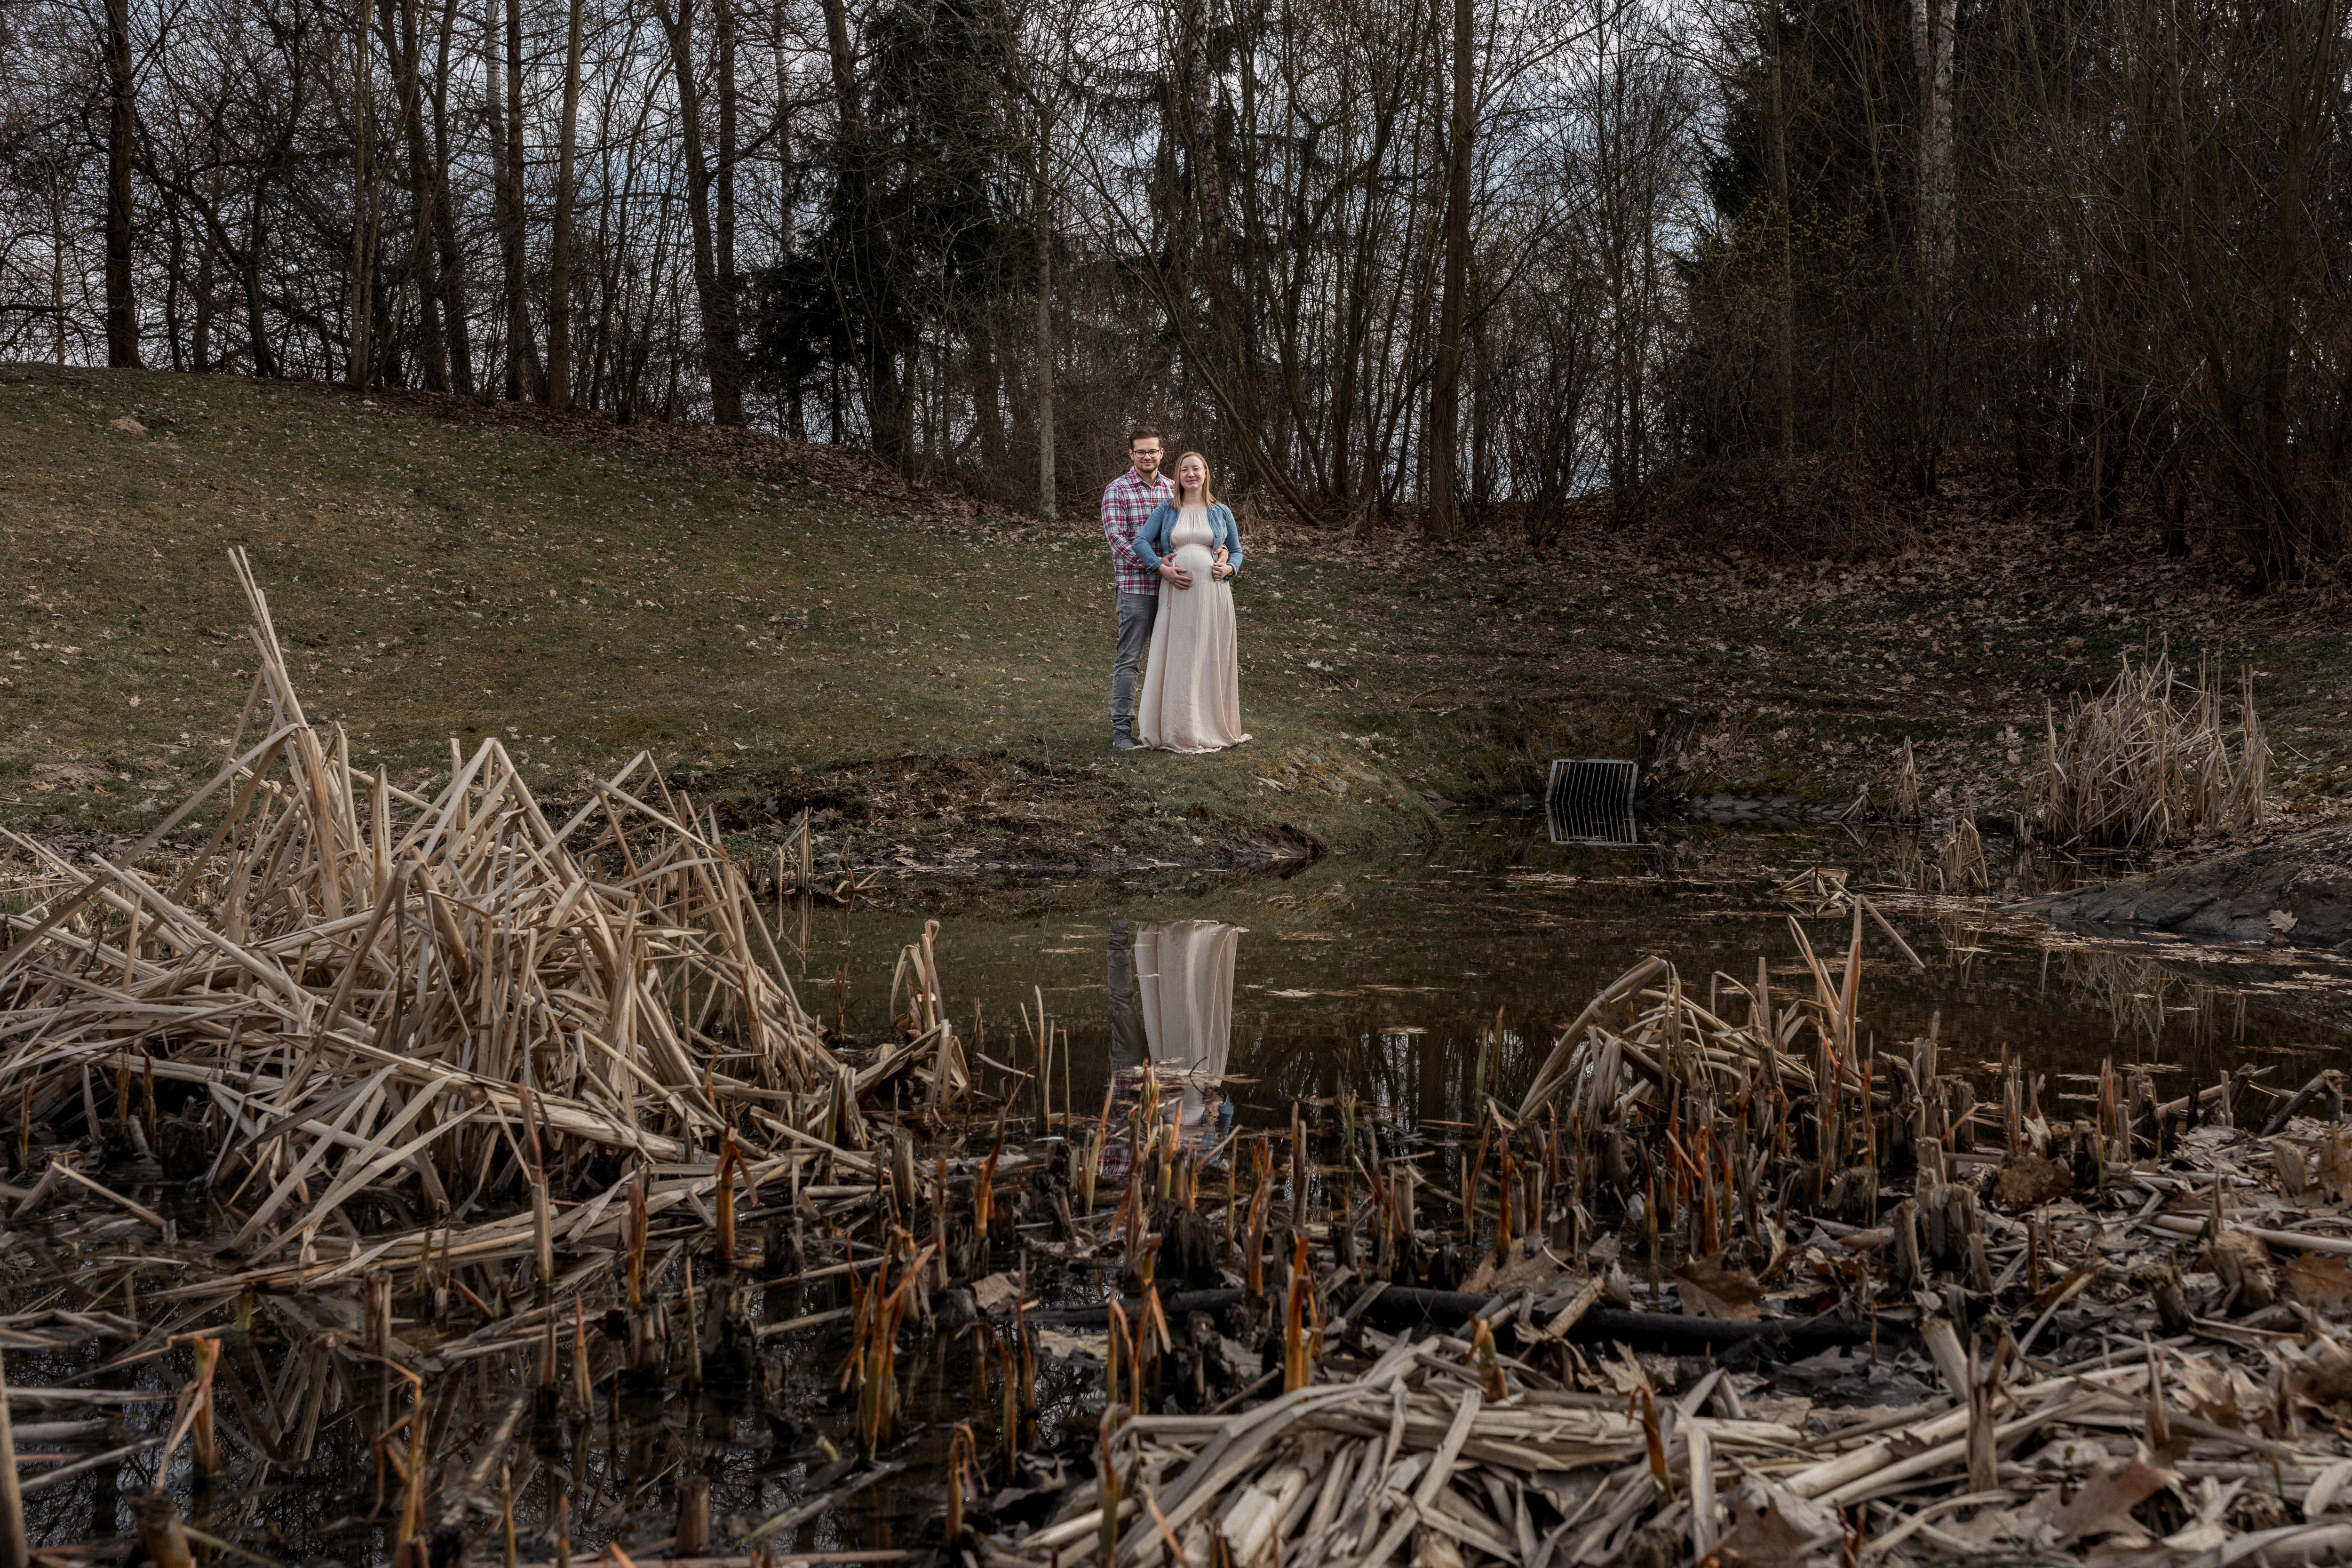 URBANERIE_Daniela_Goth_Hochzeitsfotografin_Nuernberg_Fuerth_Erlangen_180330_0087